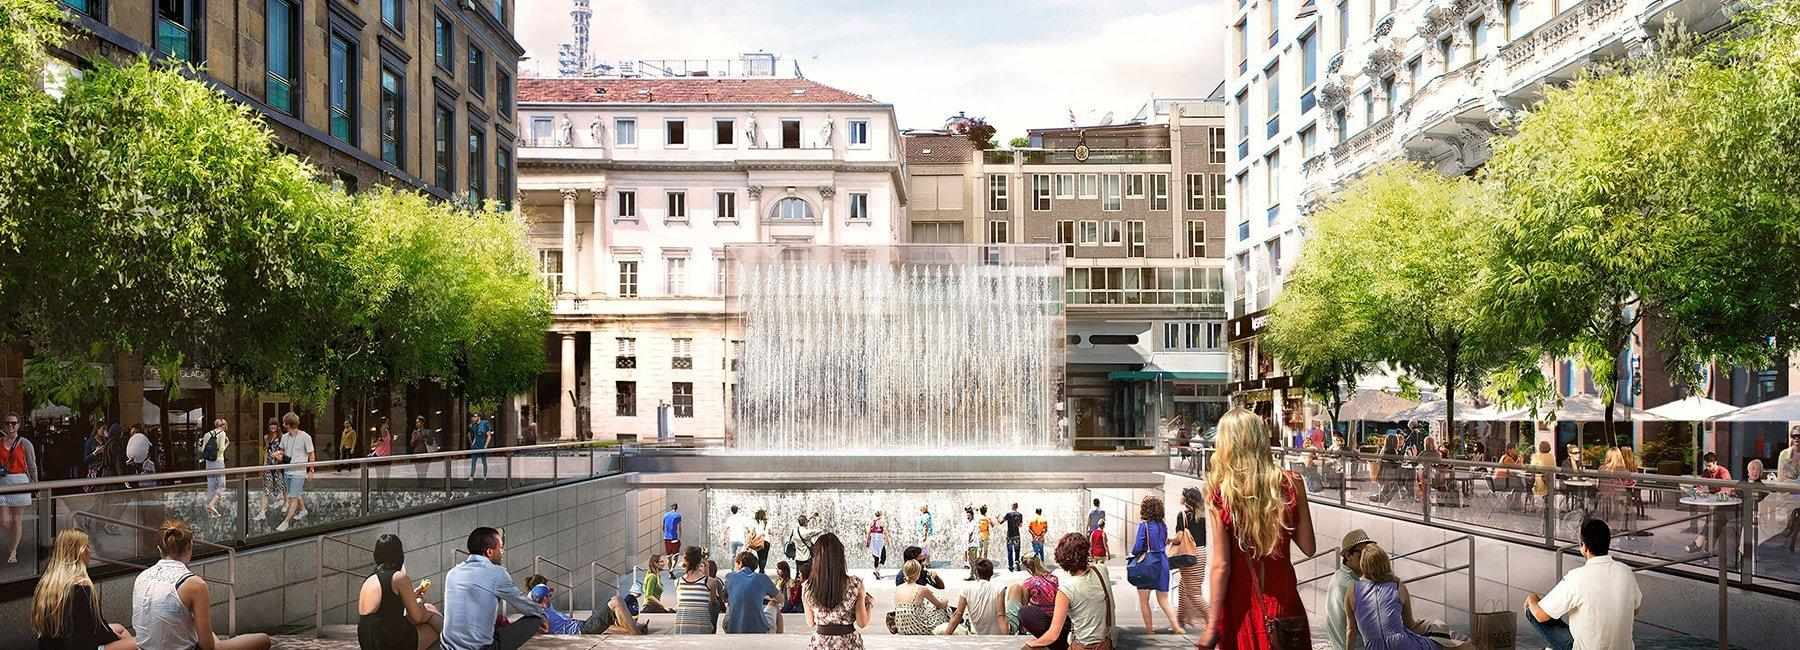 Nuovo Apple Store a Milano: da negozio a spazio pubblico creativo